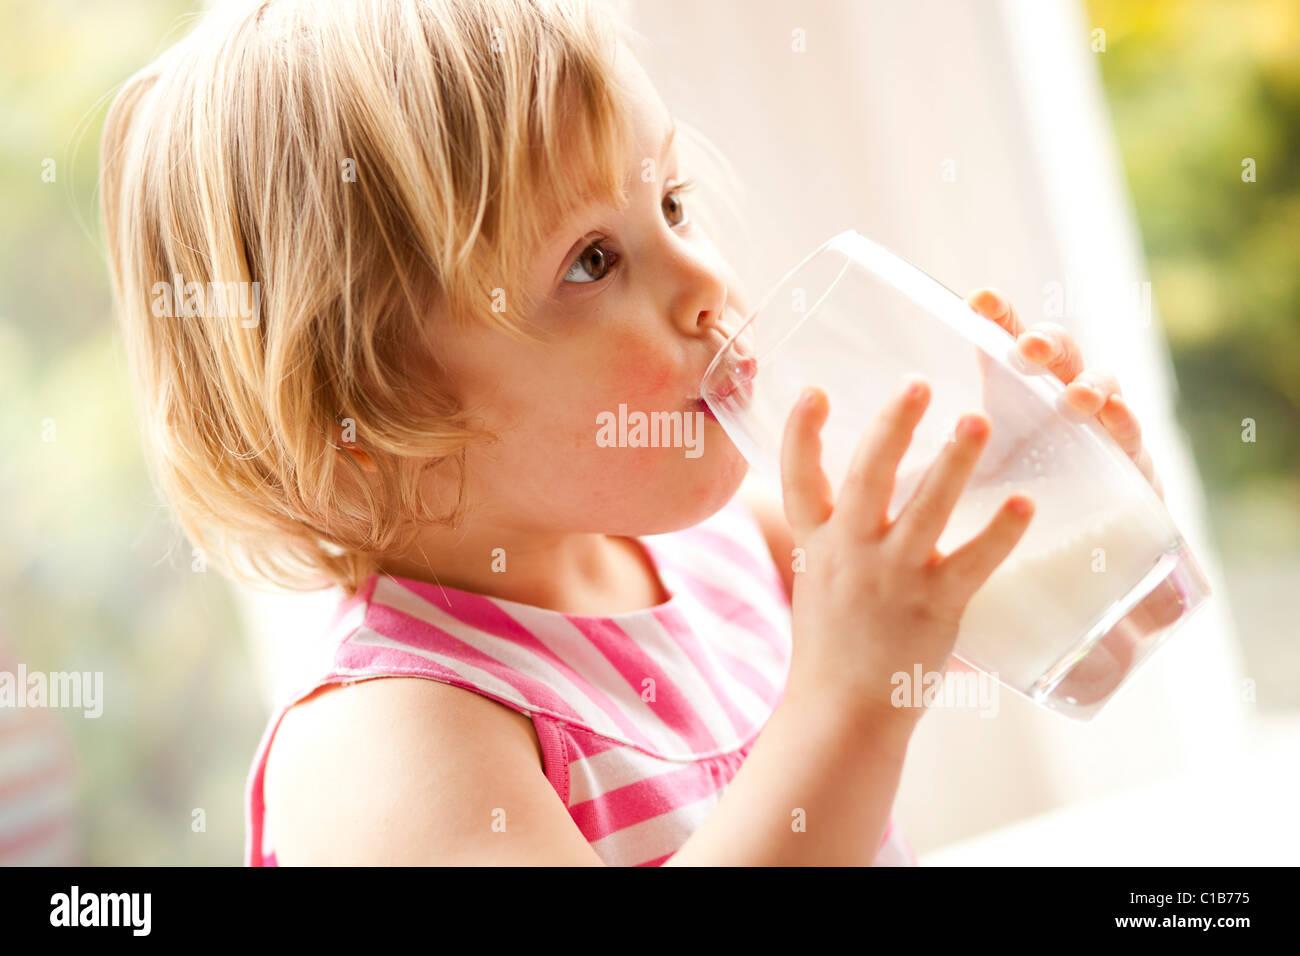 Enfant de boire dans un verre de lait Photo Stock